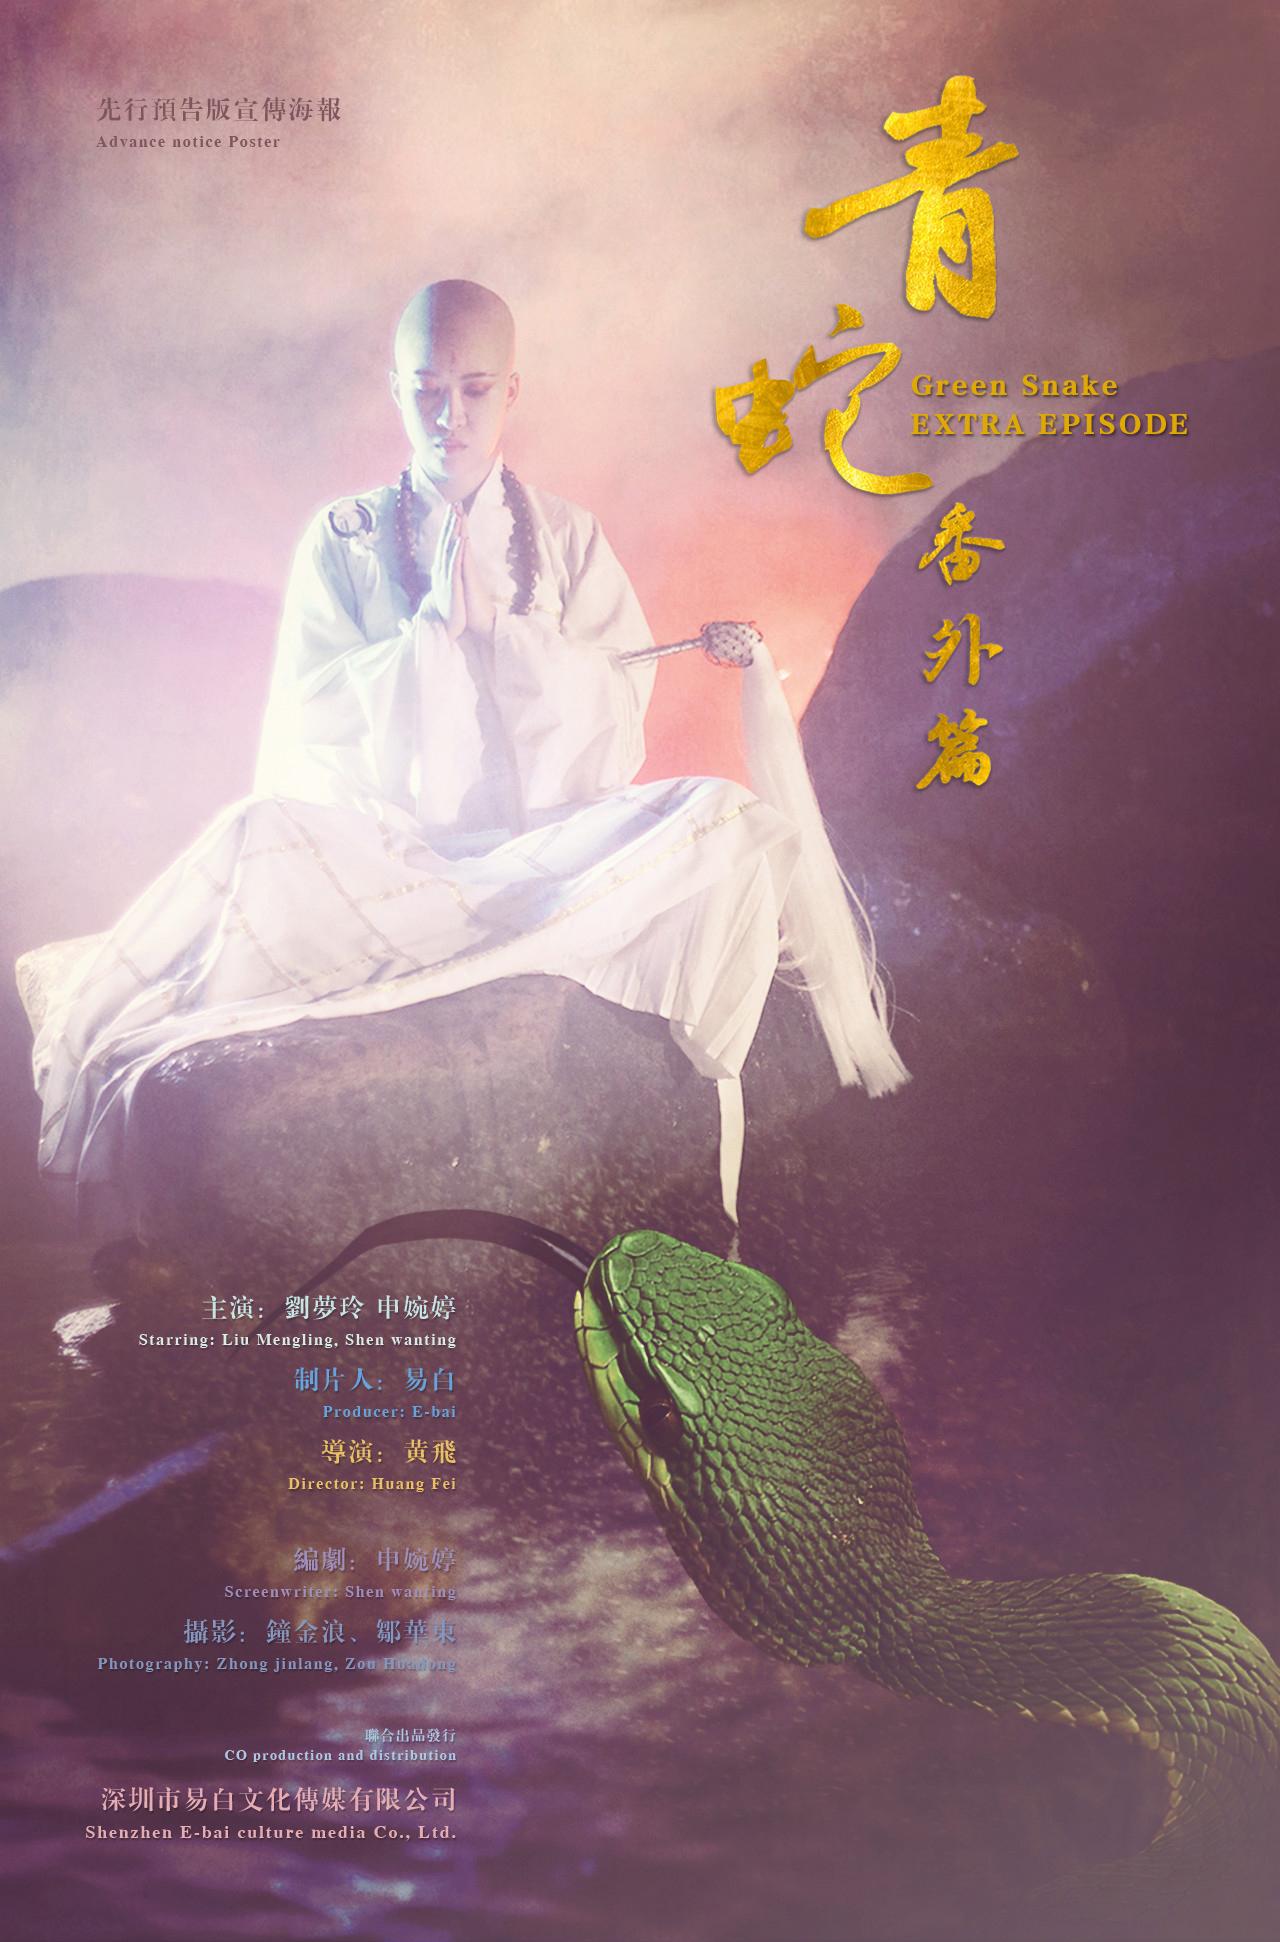 青蛇预告海报.jpg